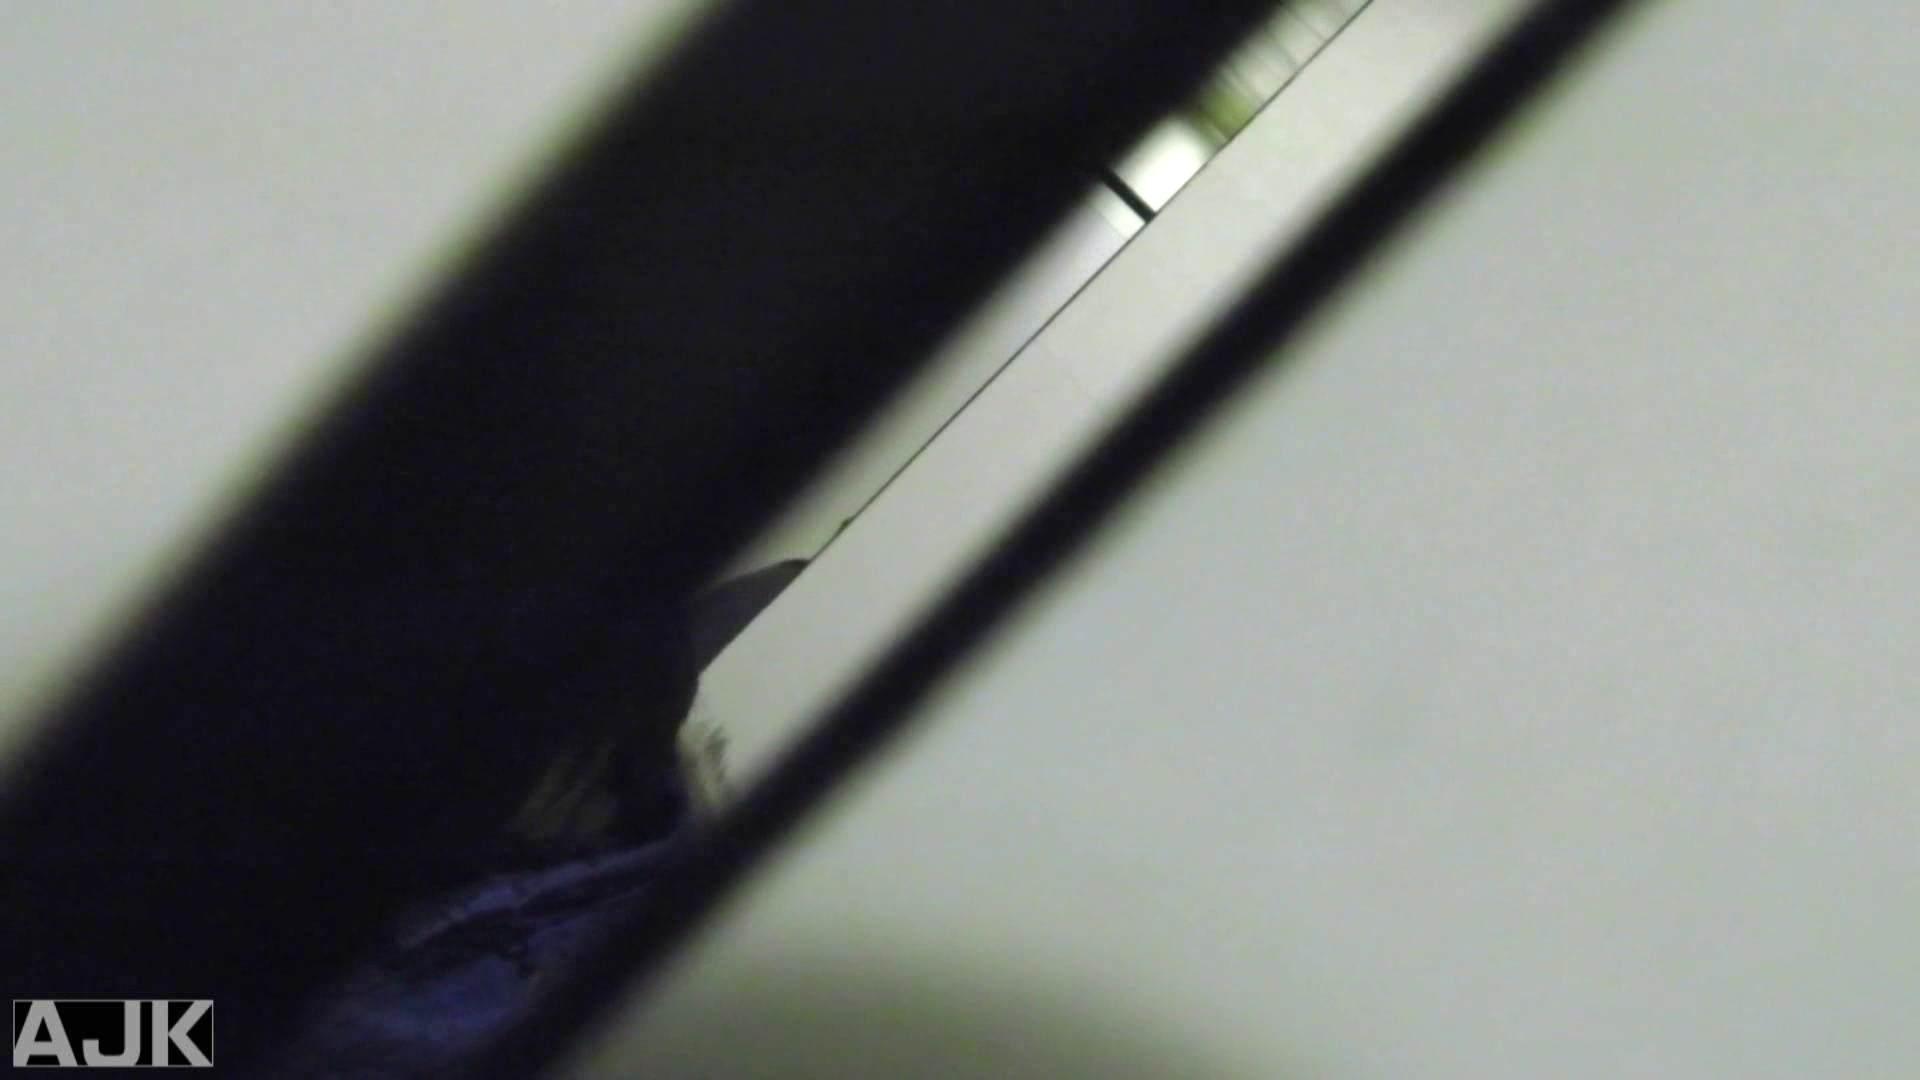 神降臨!史上最強の潜入かわや! vol.16 美女のカラダ AV動画キャプチャ 10pic 5